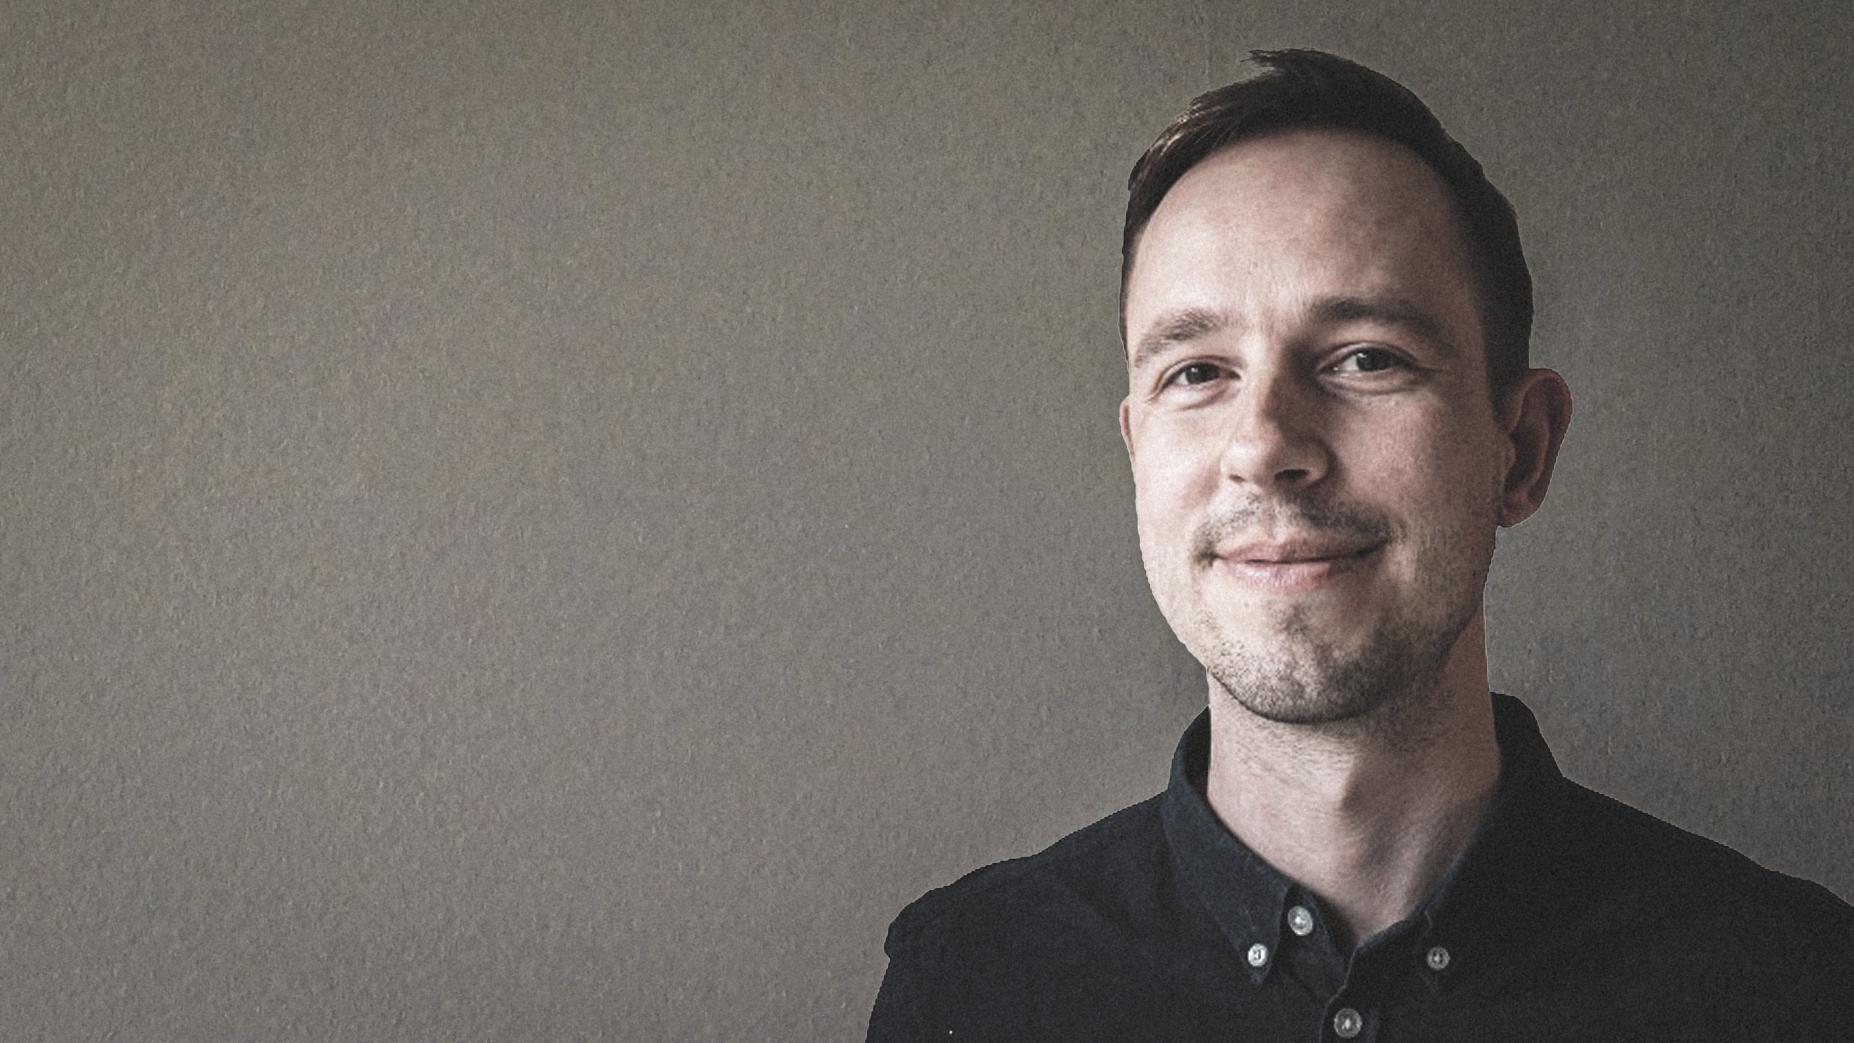 Profil billede af arkitekt Bjørn A. Odgaard